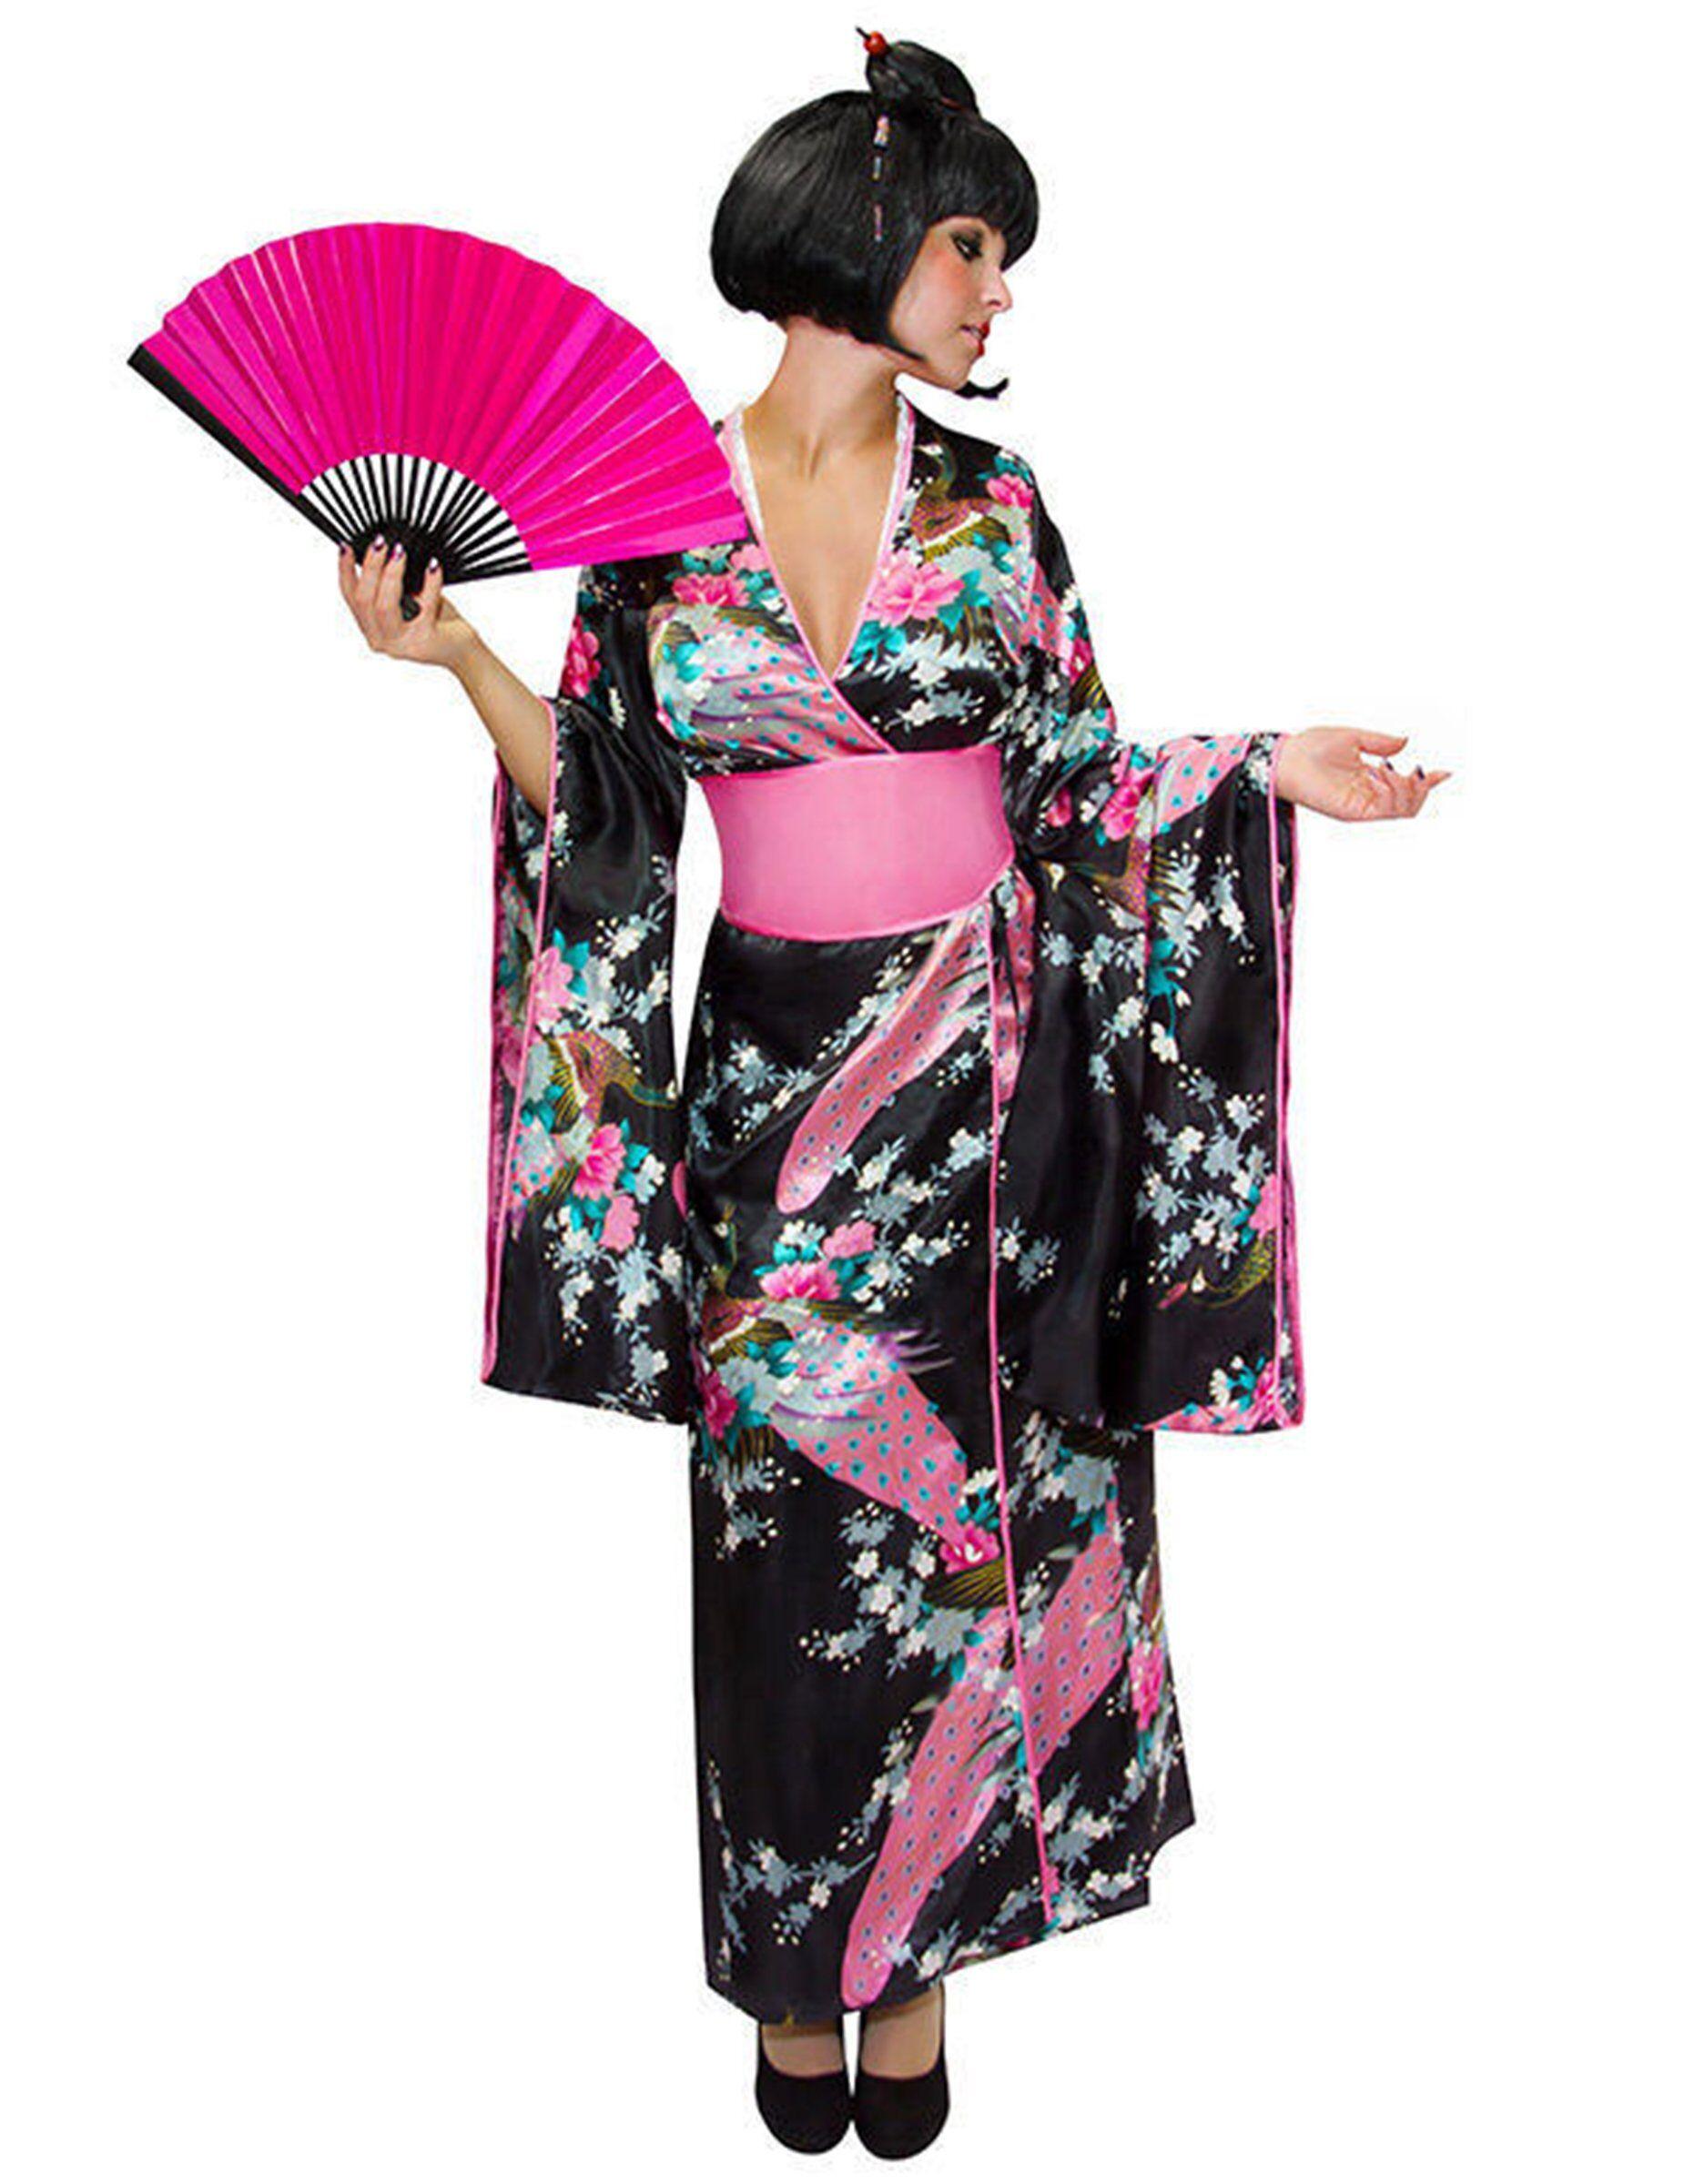 Deguisetoi Déguisement kimono japonais femme - Taille: S / M